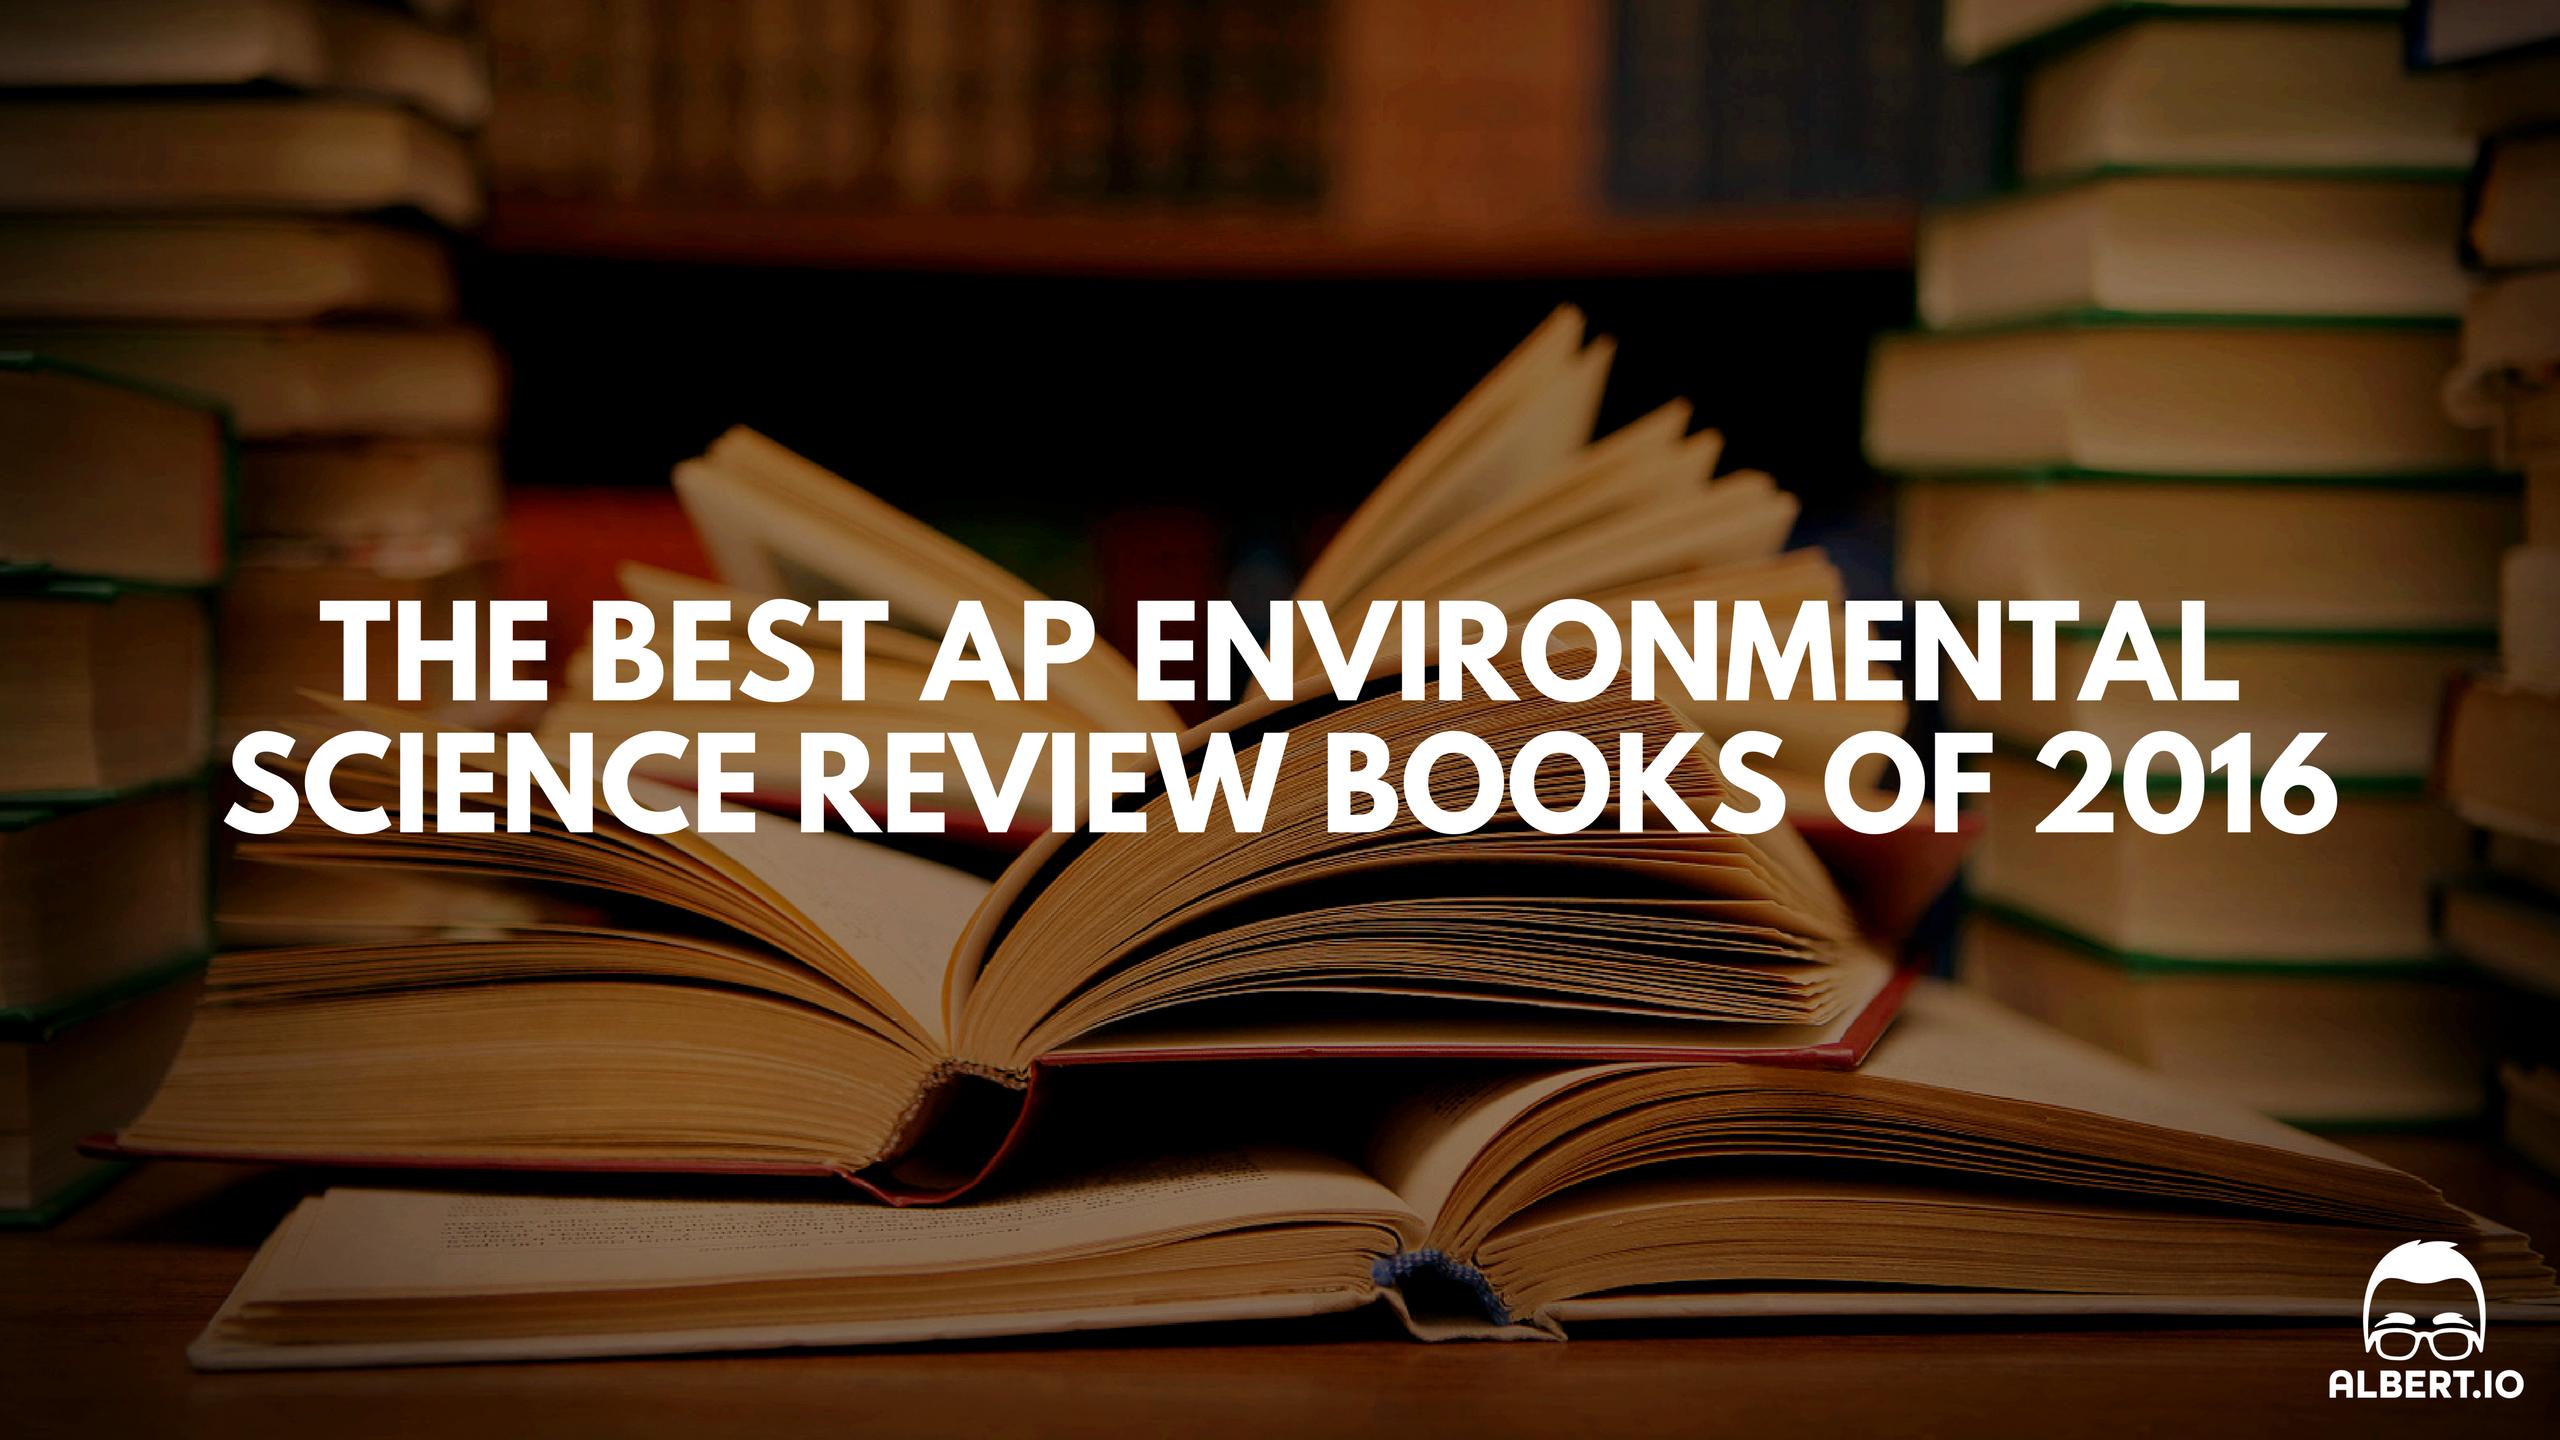 ap environmental science essay prompts essay best ap environmental science review books of 2016 albert io